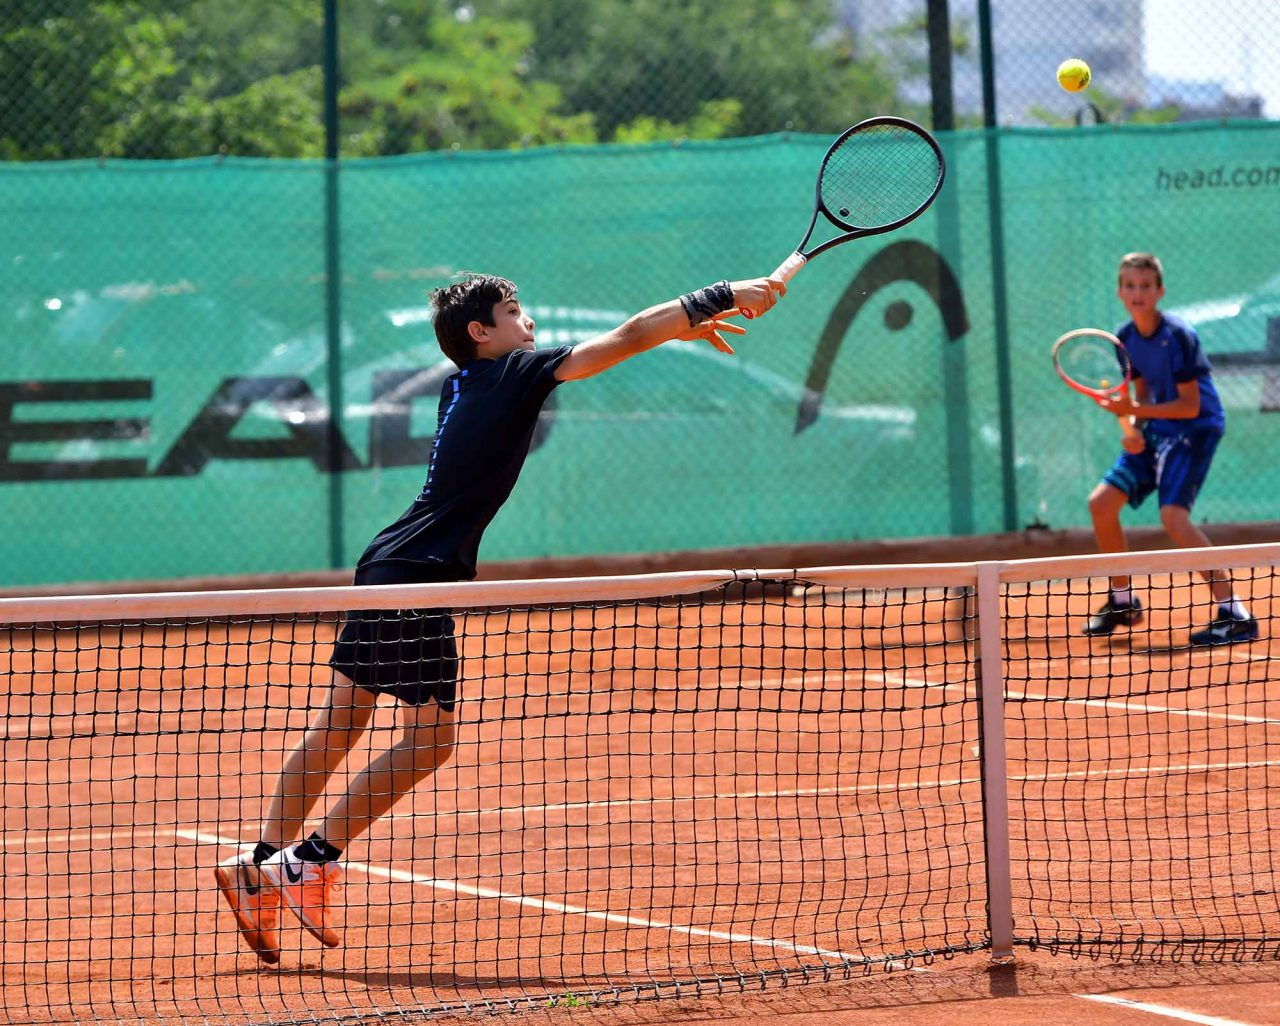 Държавно първенство тенис до 14 год. ТК 15-40 финал двойки (12)